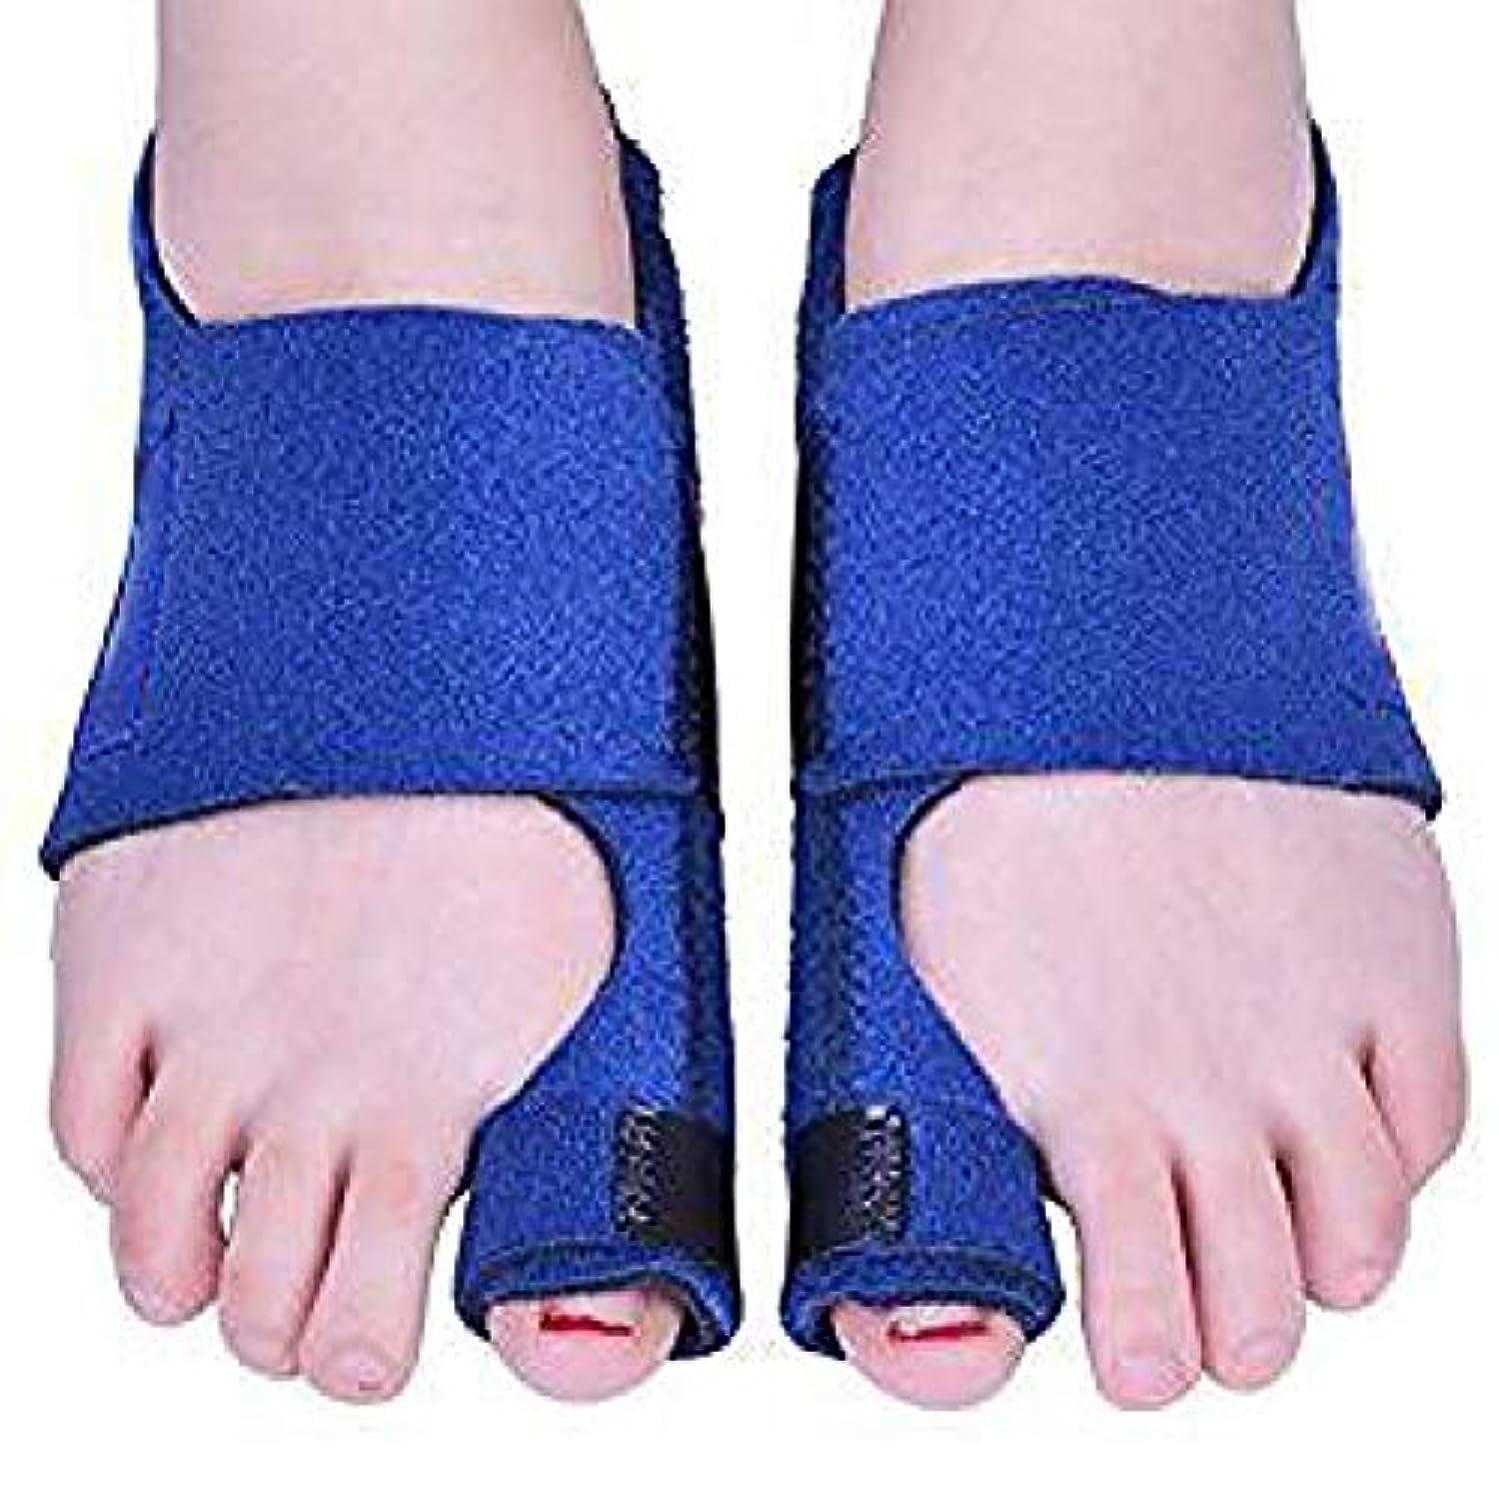 ピンあたたかい理想的にはつま先矯正、重なったハンマー用のつま先のケア、つま先の痛み、平らな足の痛み、男性と女性用のつま先のストレートナー,Blue